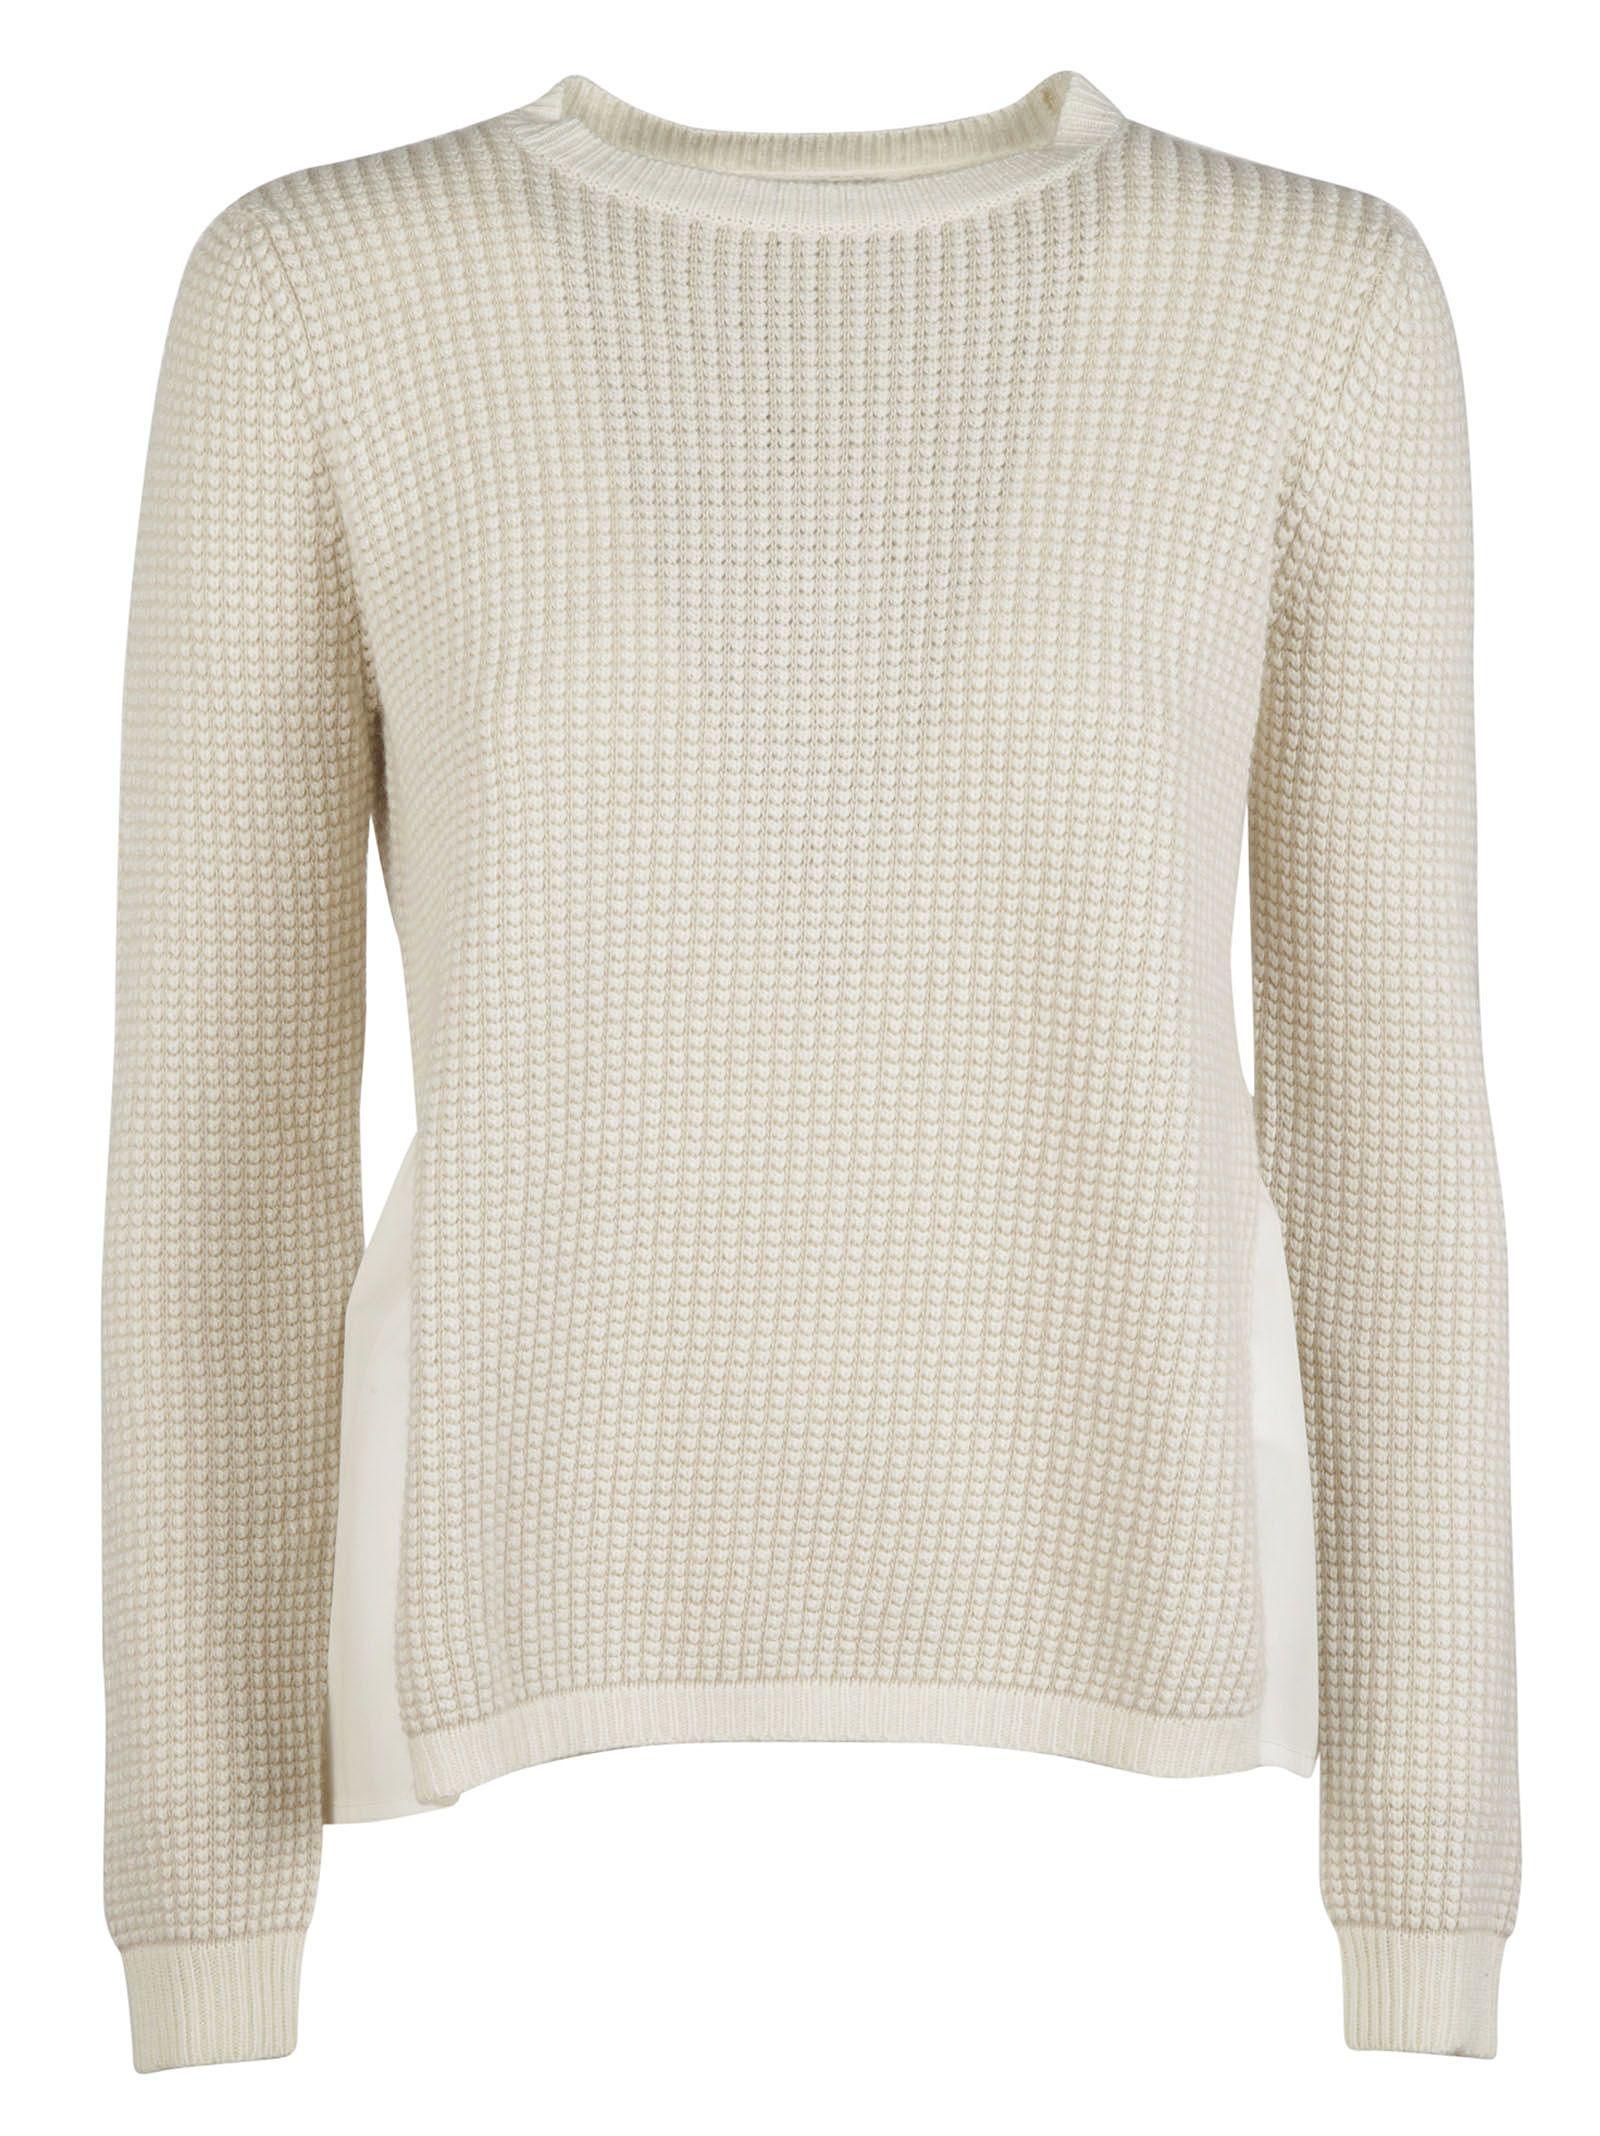 Blugirl Skirt Detail Sweater